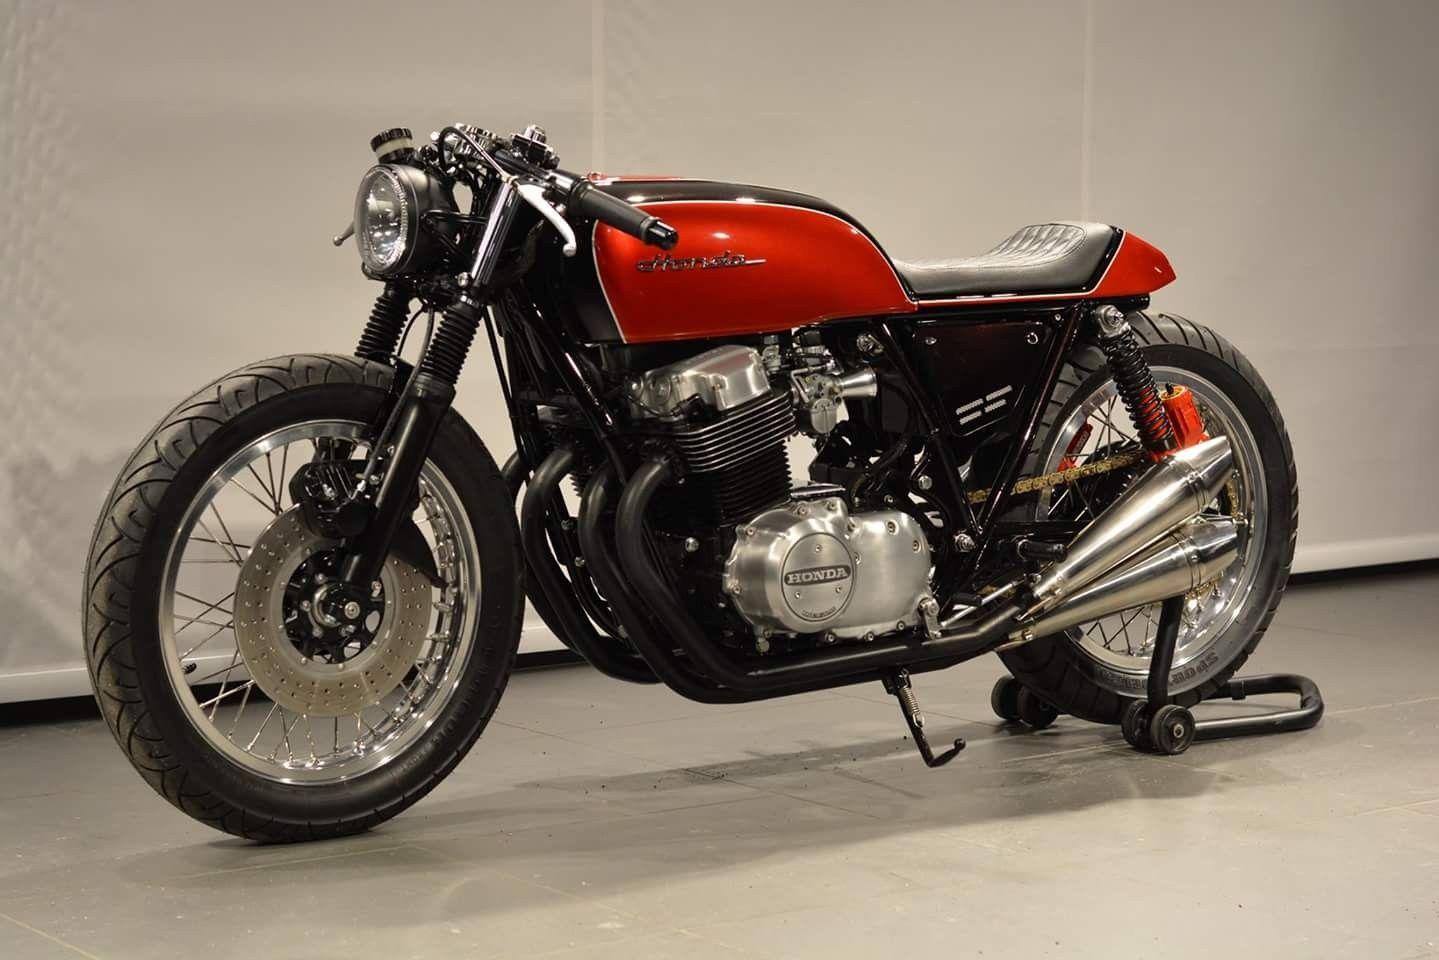 Honda CB750 Cafe racer honda, Cafe racer, Cafe racer design